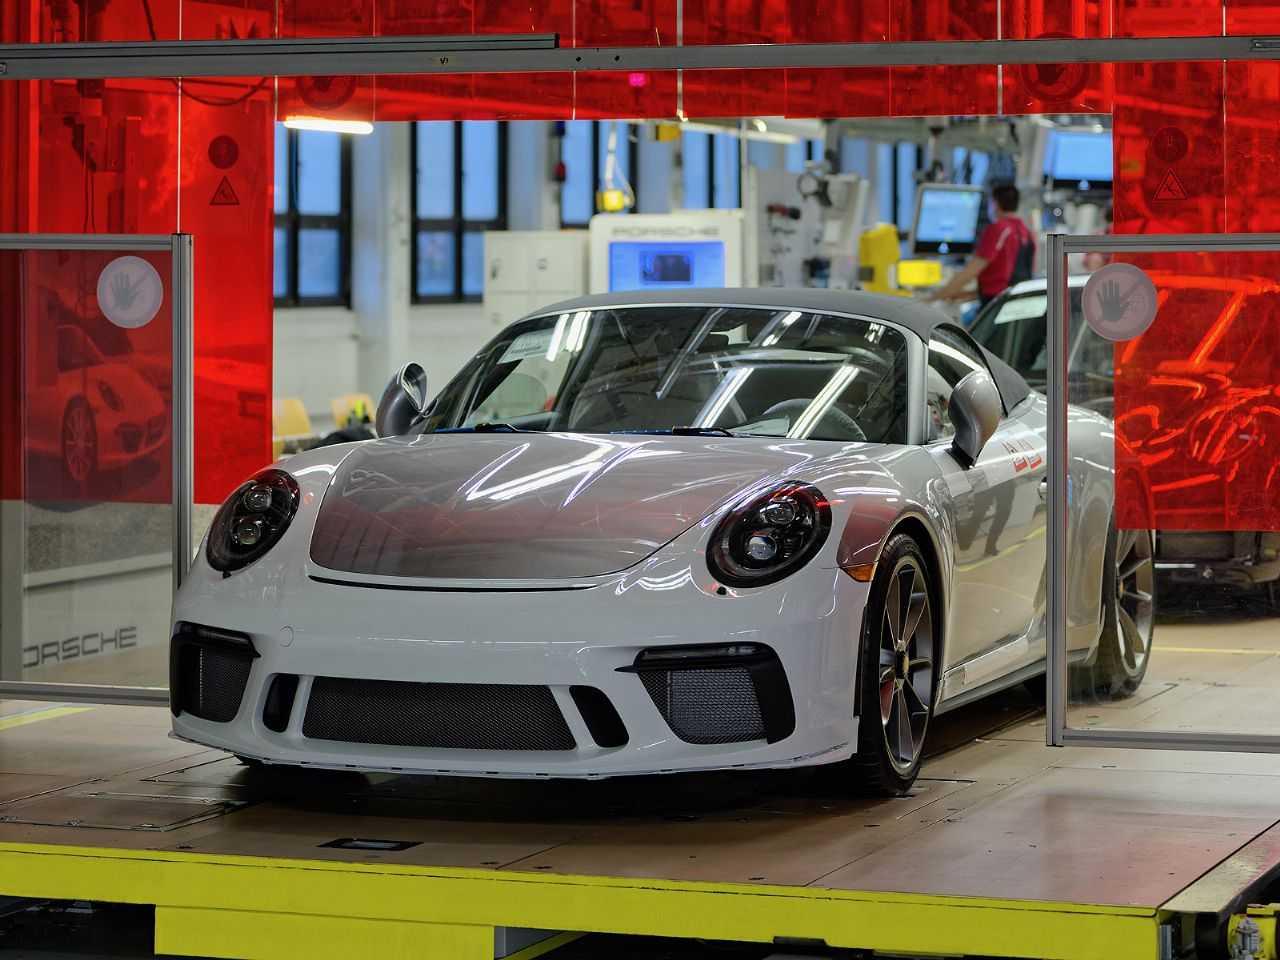 Acima a última unidade do Porsche 911 em sua geração 991 deixando a linha de produção